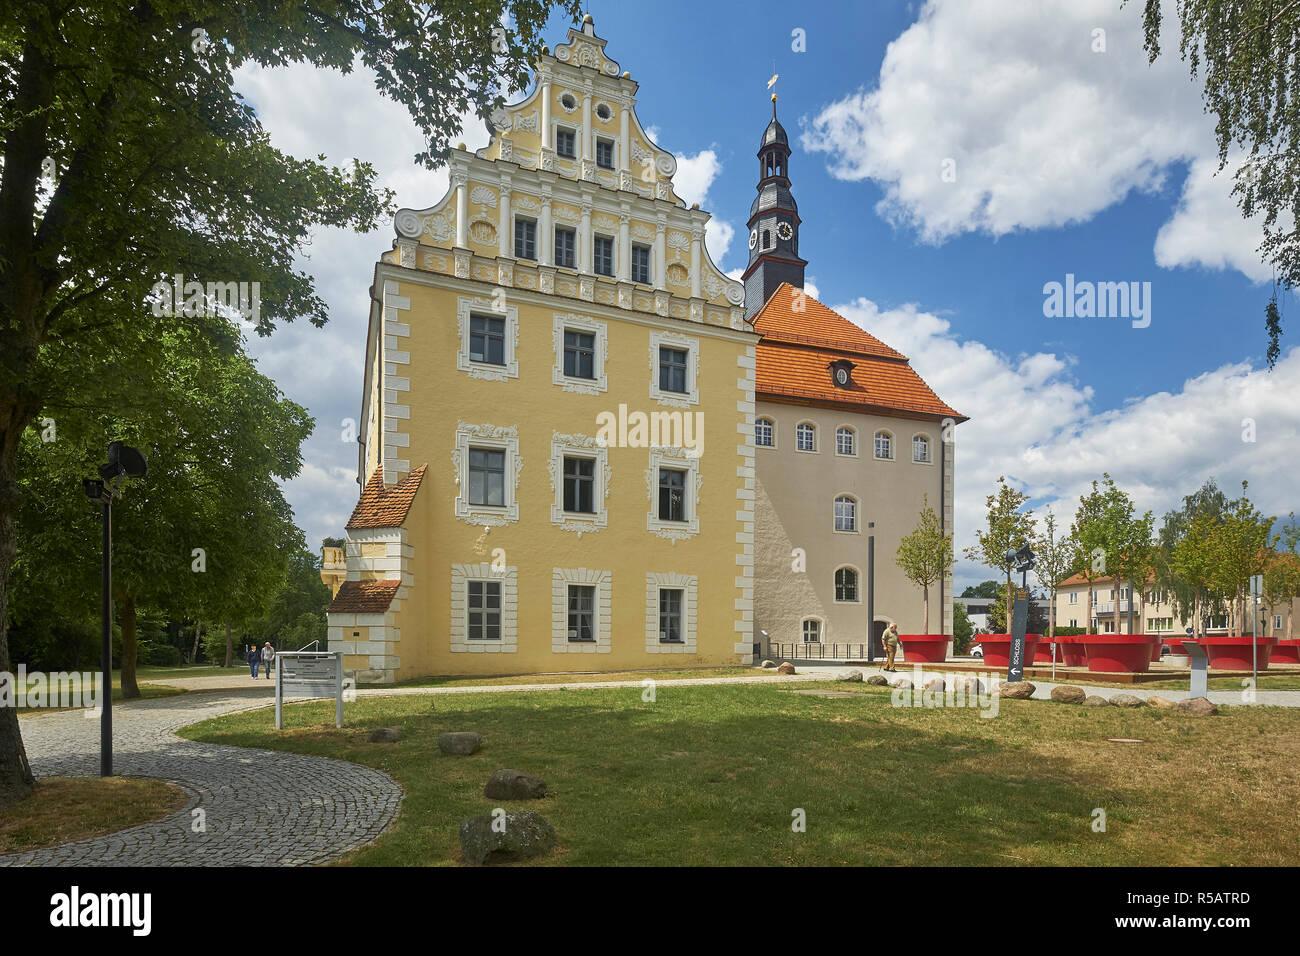 Schloss in Lübben/Spreewald, Brandenburg, Deutschland Stockfoto